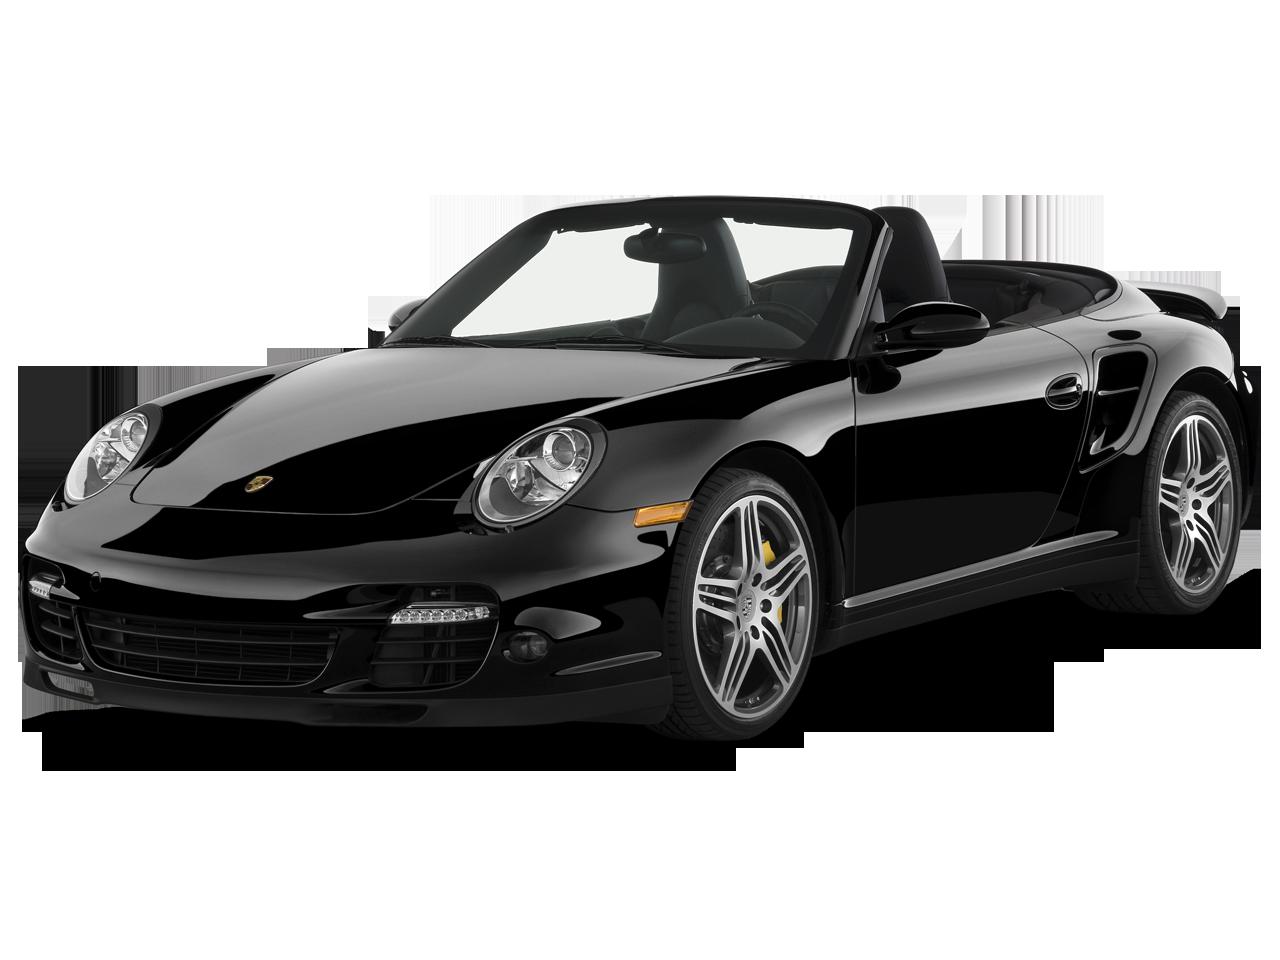 2009 Porsche 911